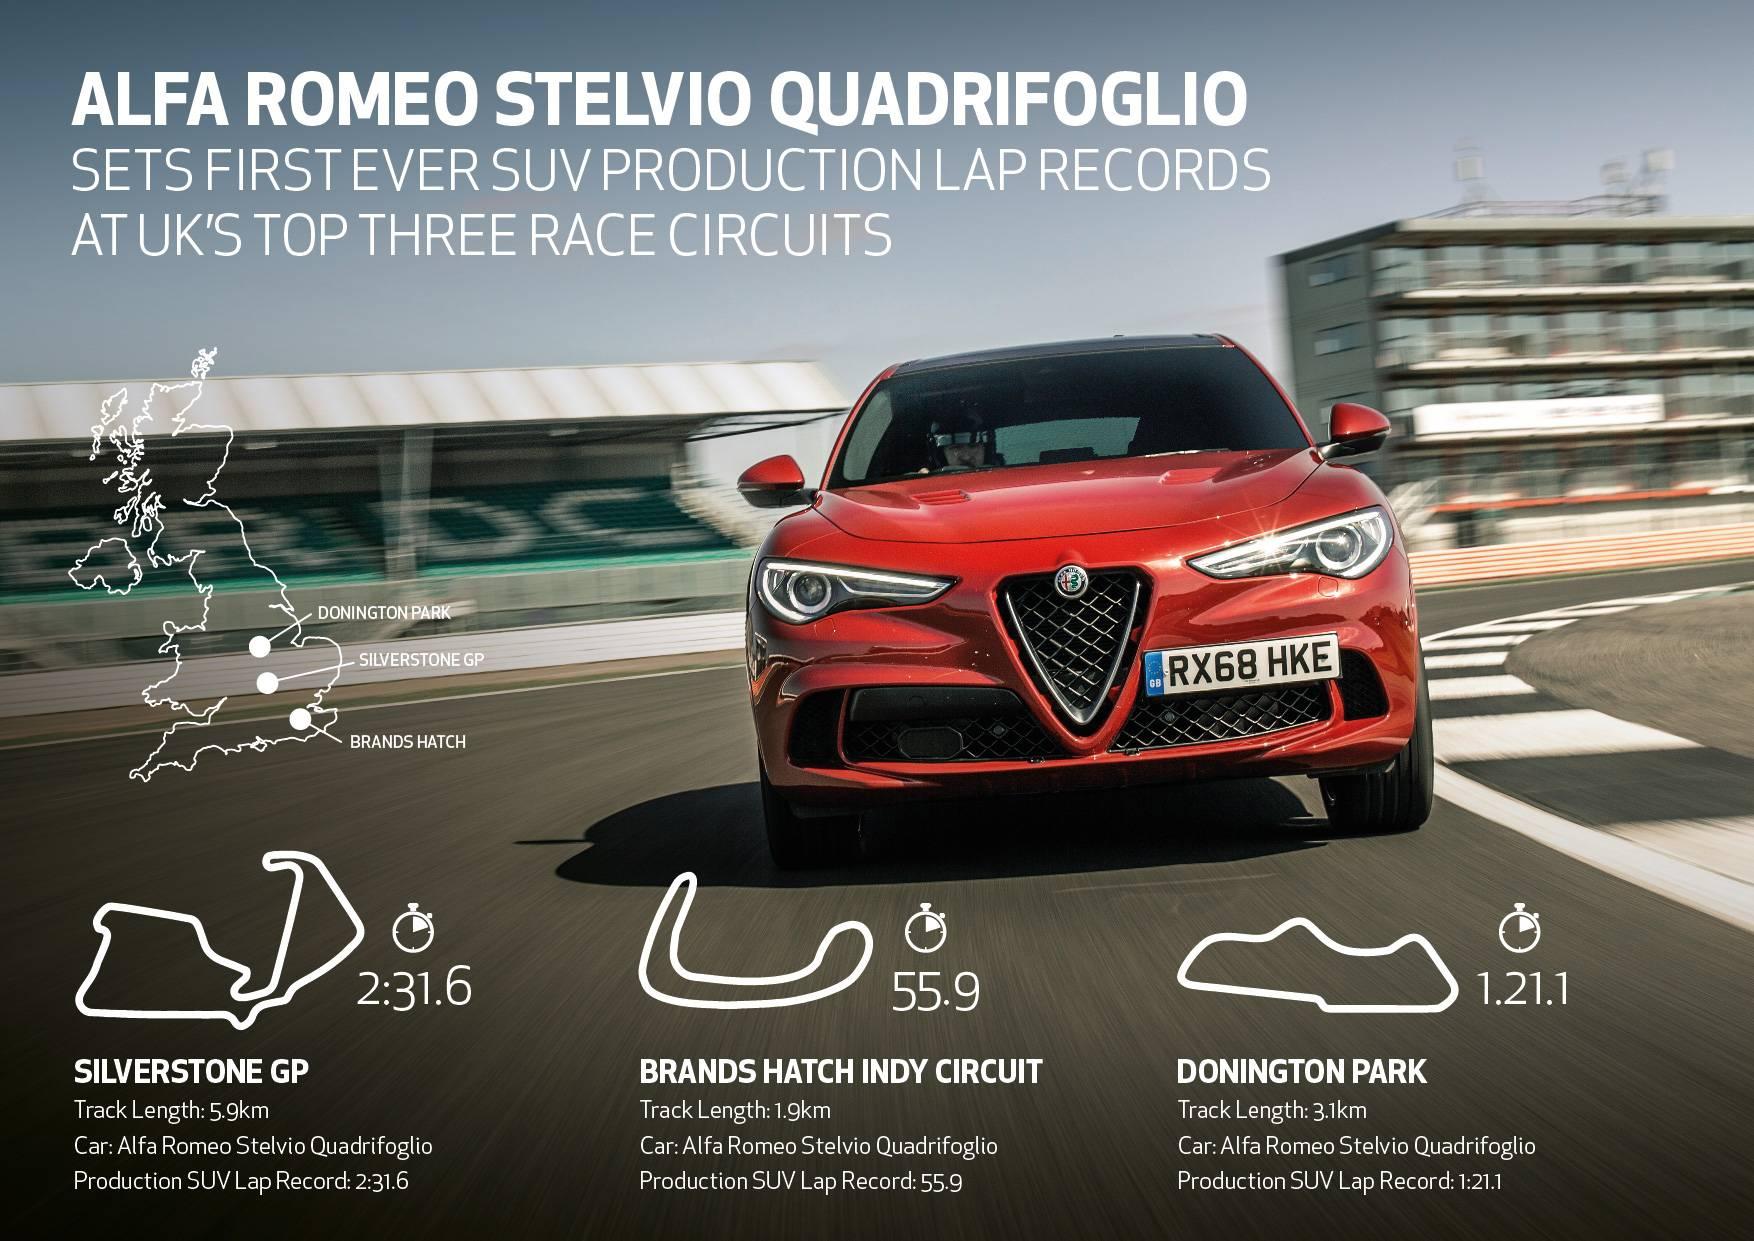 Alfa Romeo Stelvio bate recorde do SUV mais rápido em três circuitos britânicos